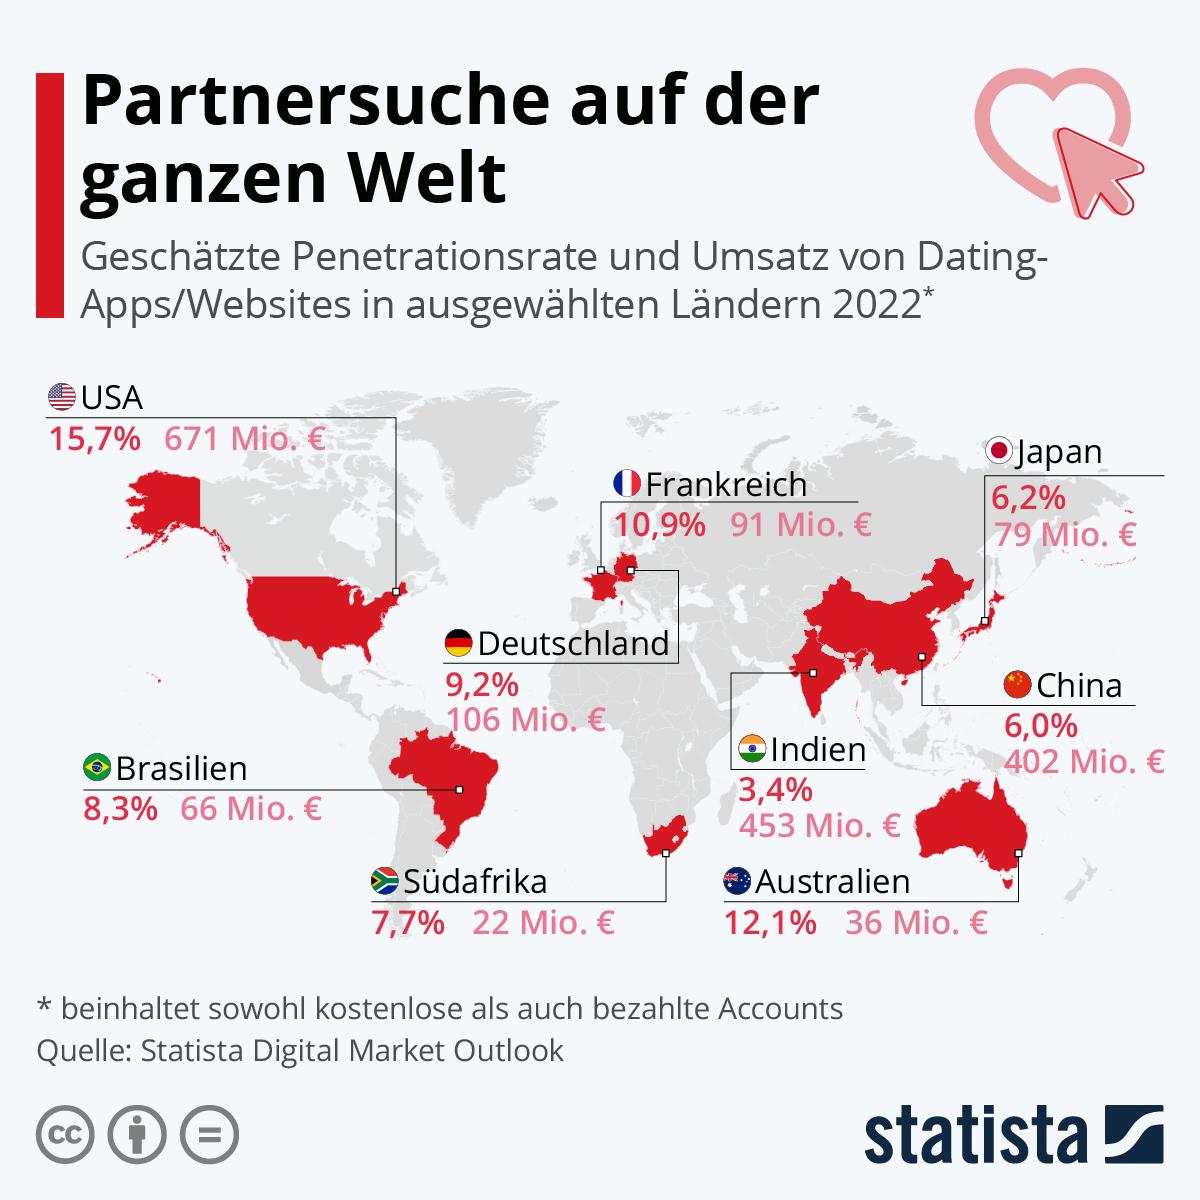 udo lindenberg single 2021 wieder flirten lernen